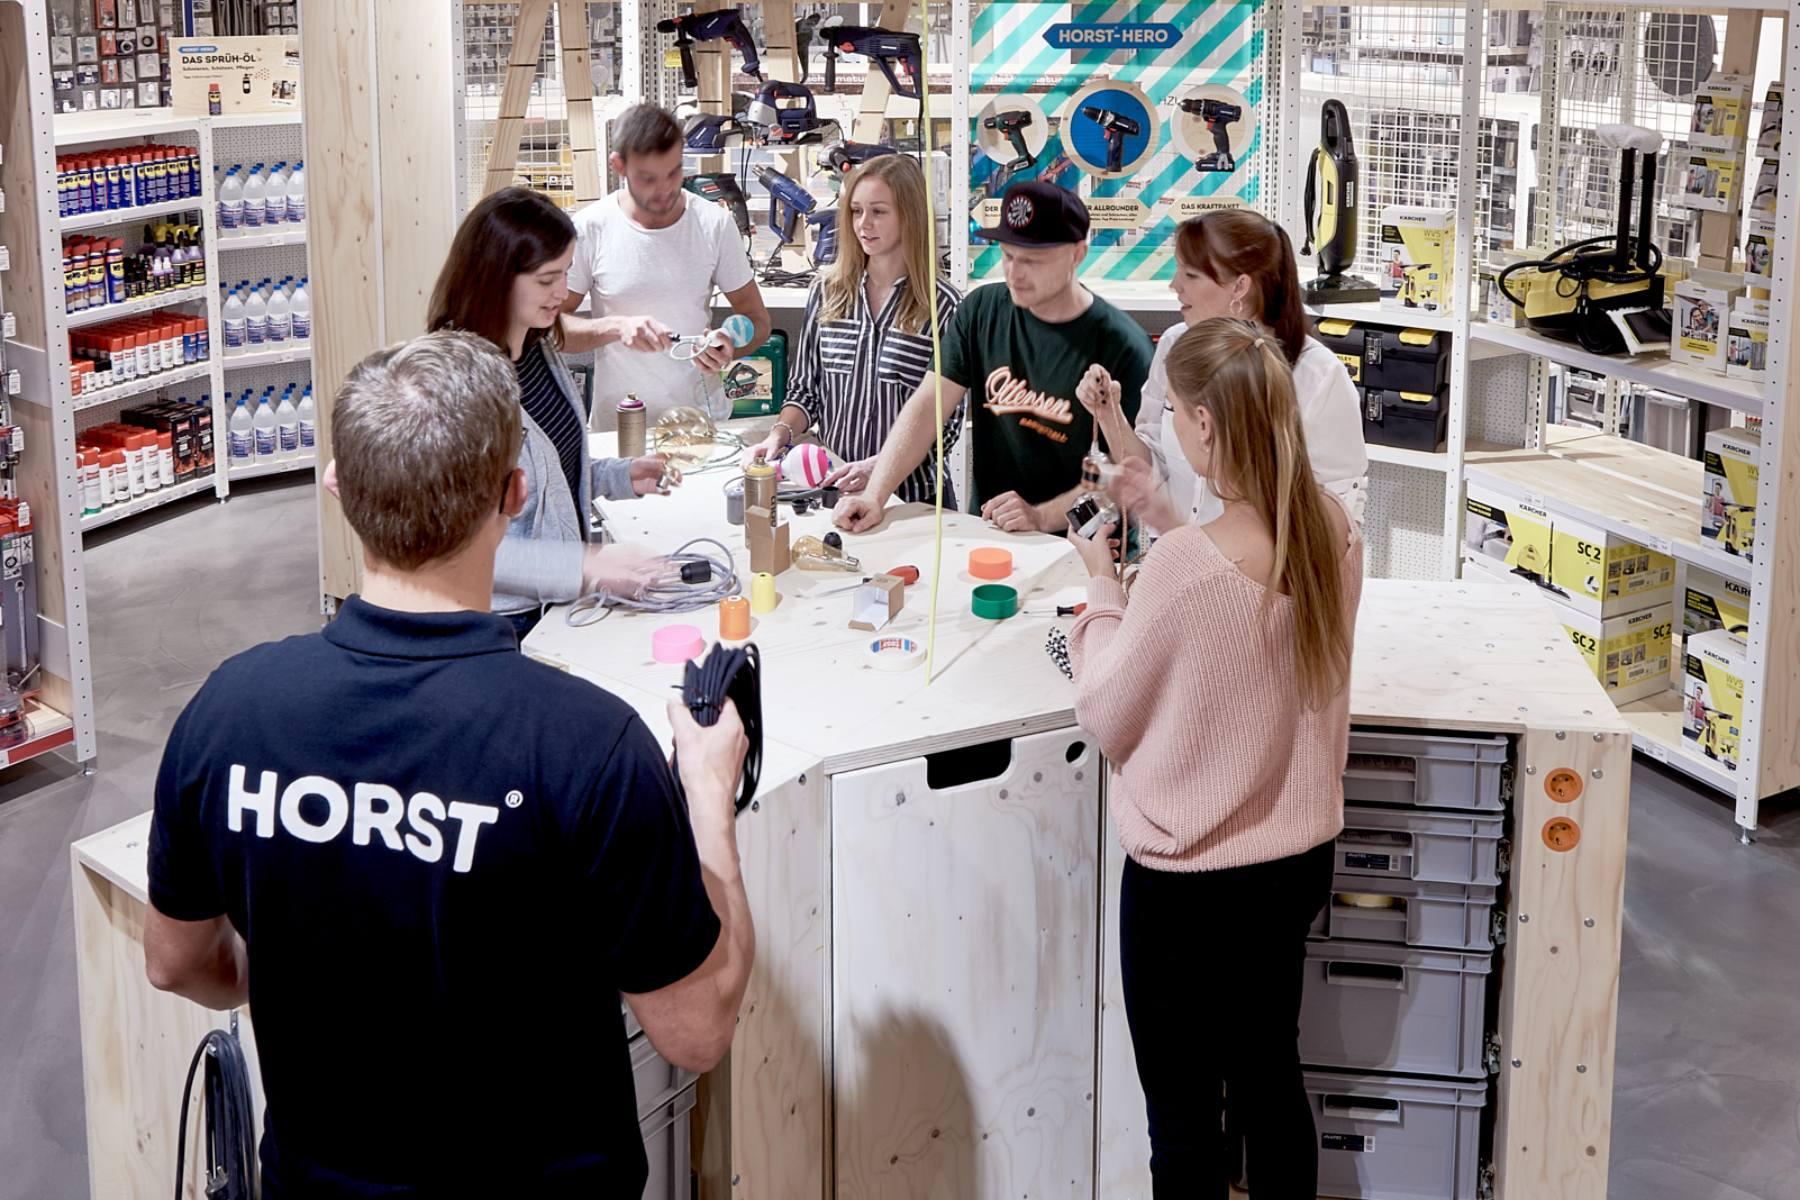 Geheimtipp Hamburg Läden & Produkte HORST Matthias Hewing 8